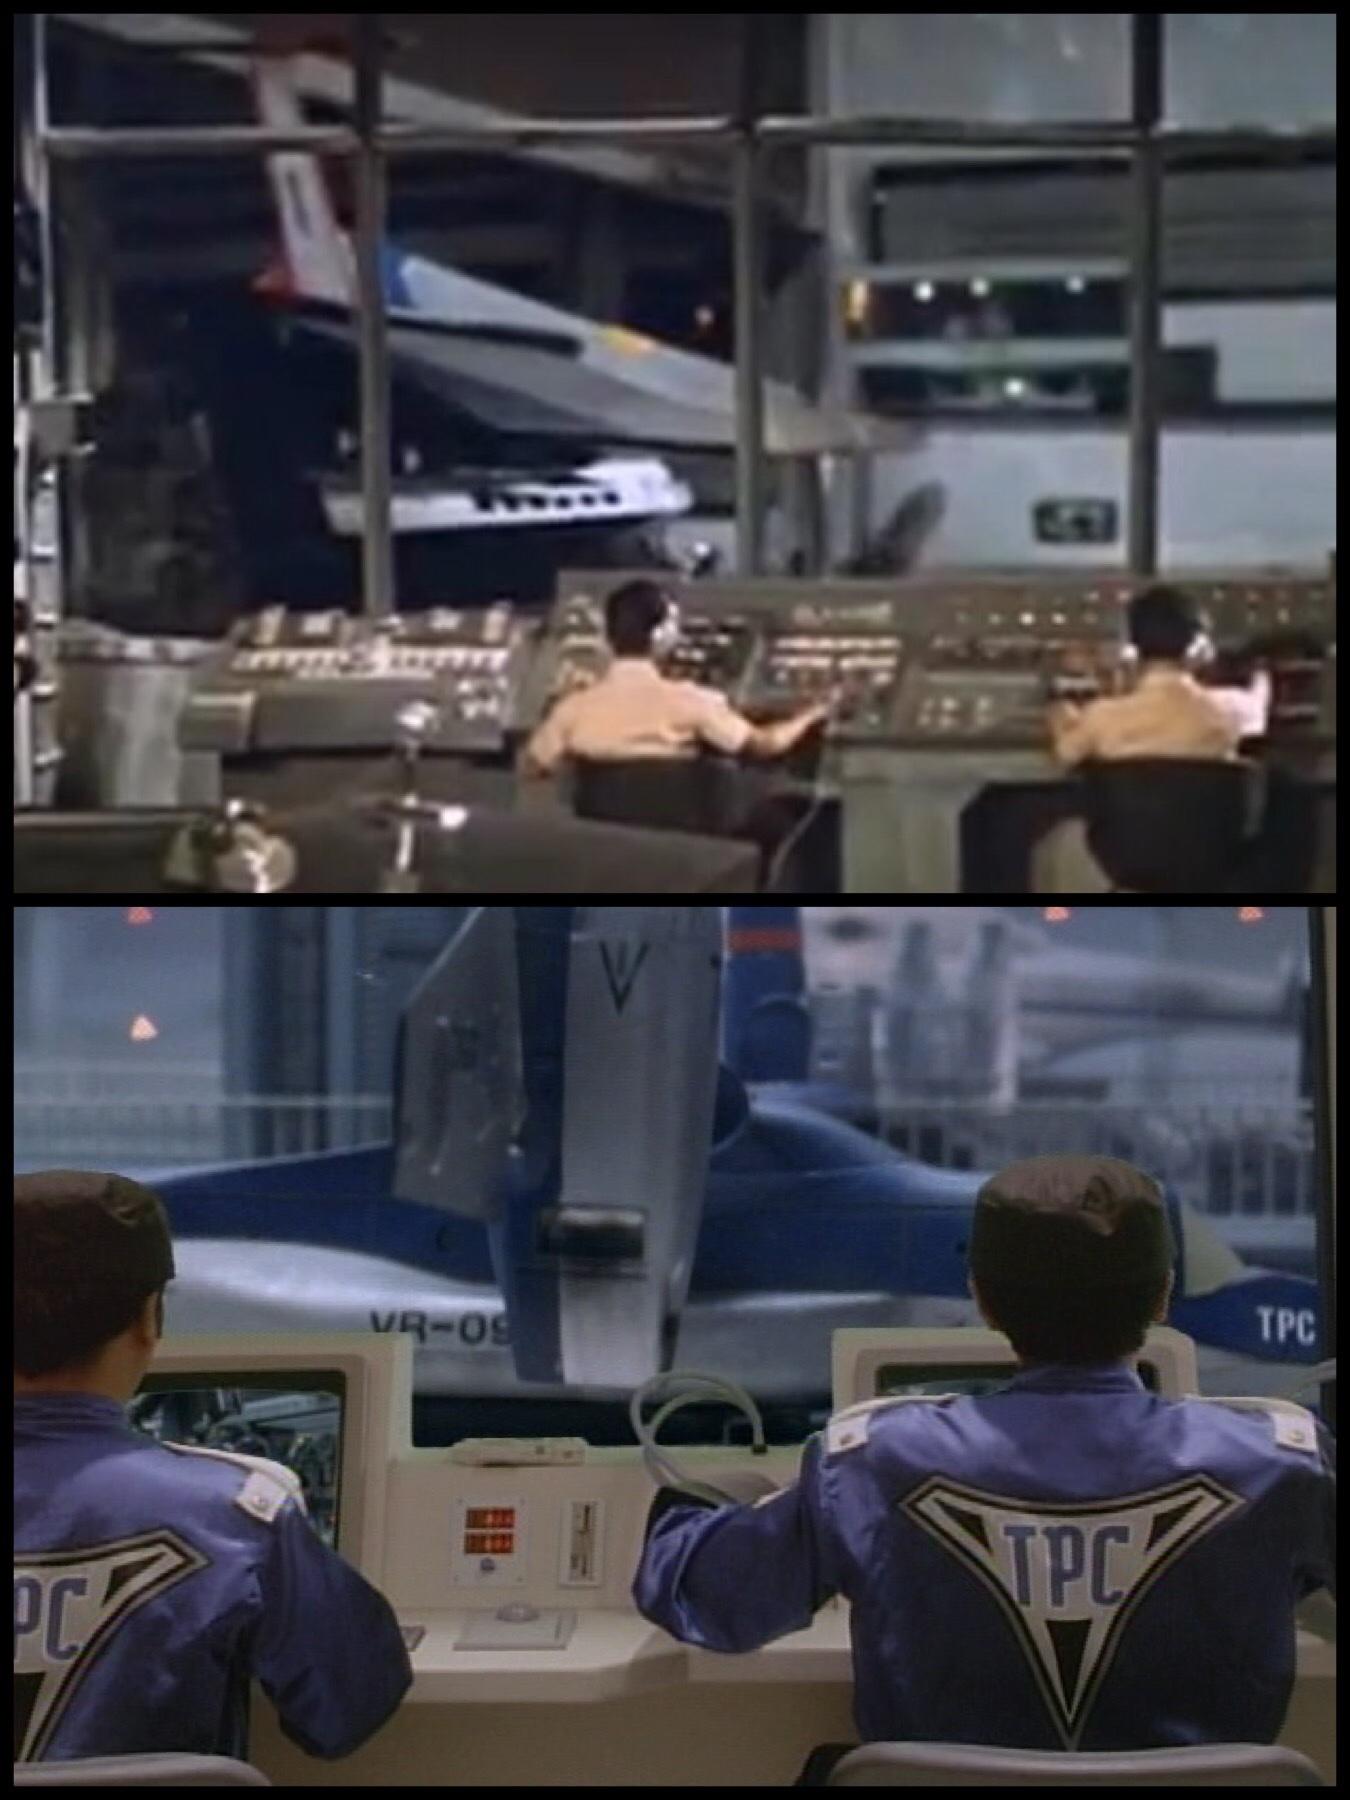 ウルトラ警備隊 管制室